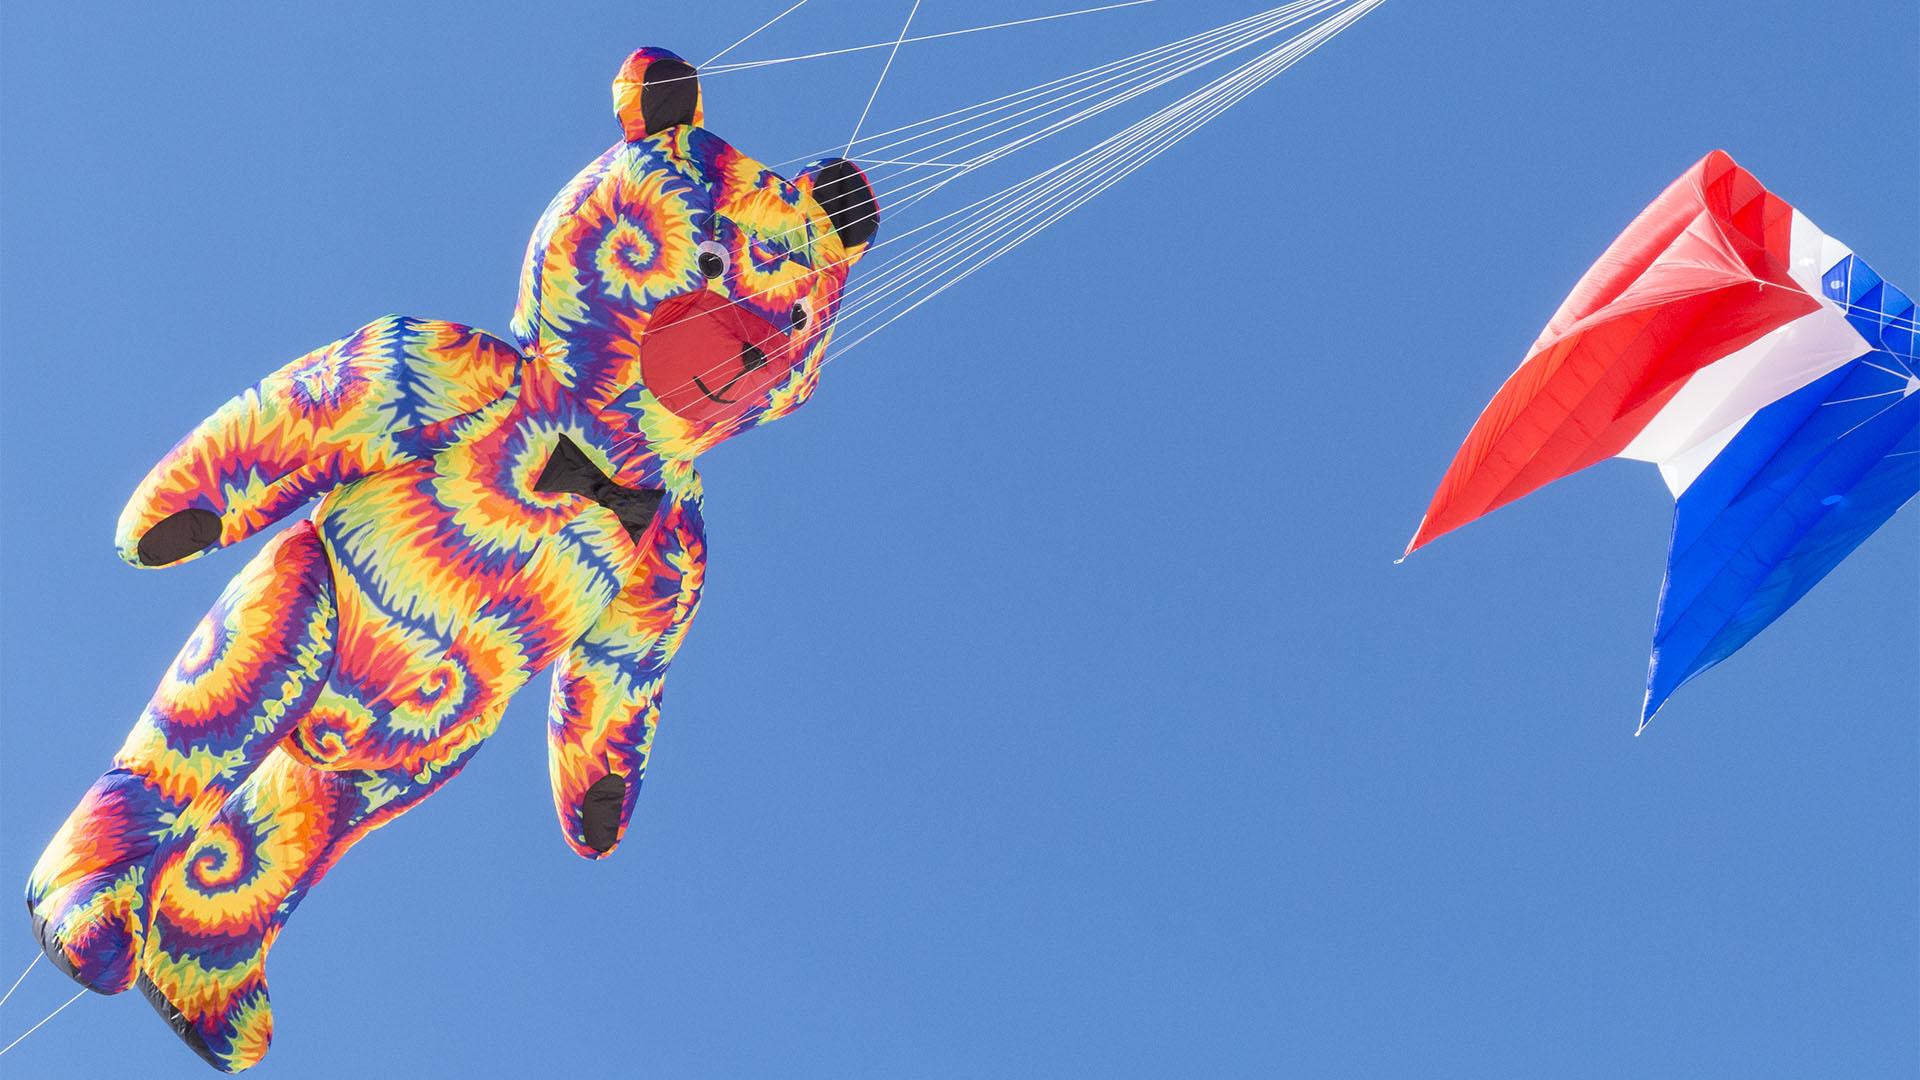 Kunst Kulturveranstaltungen Fuerteventura: Internationales Kite Festival Fuerteventura.